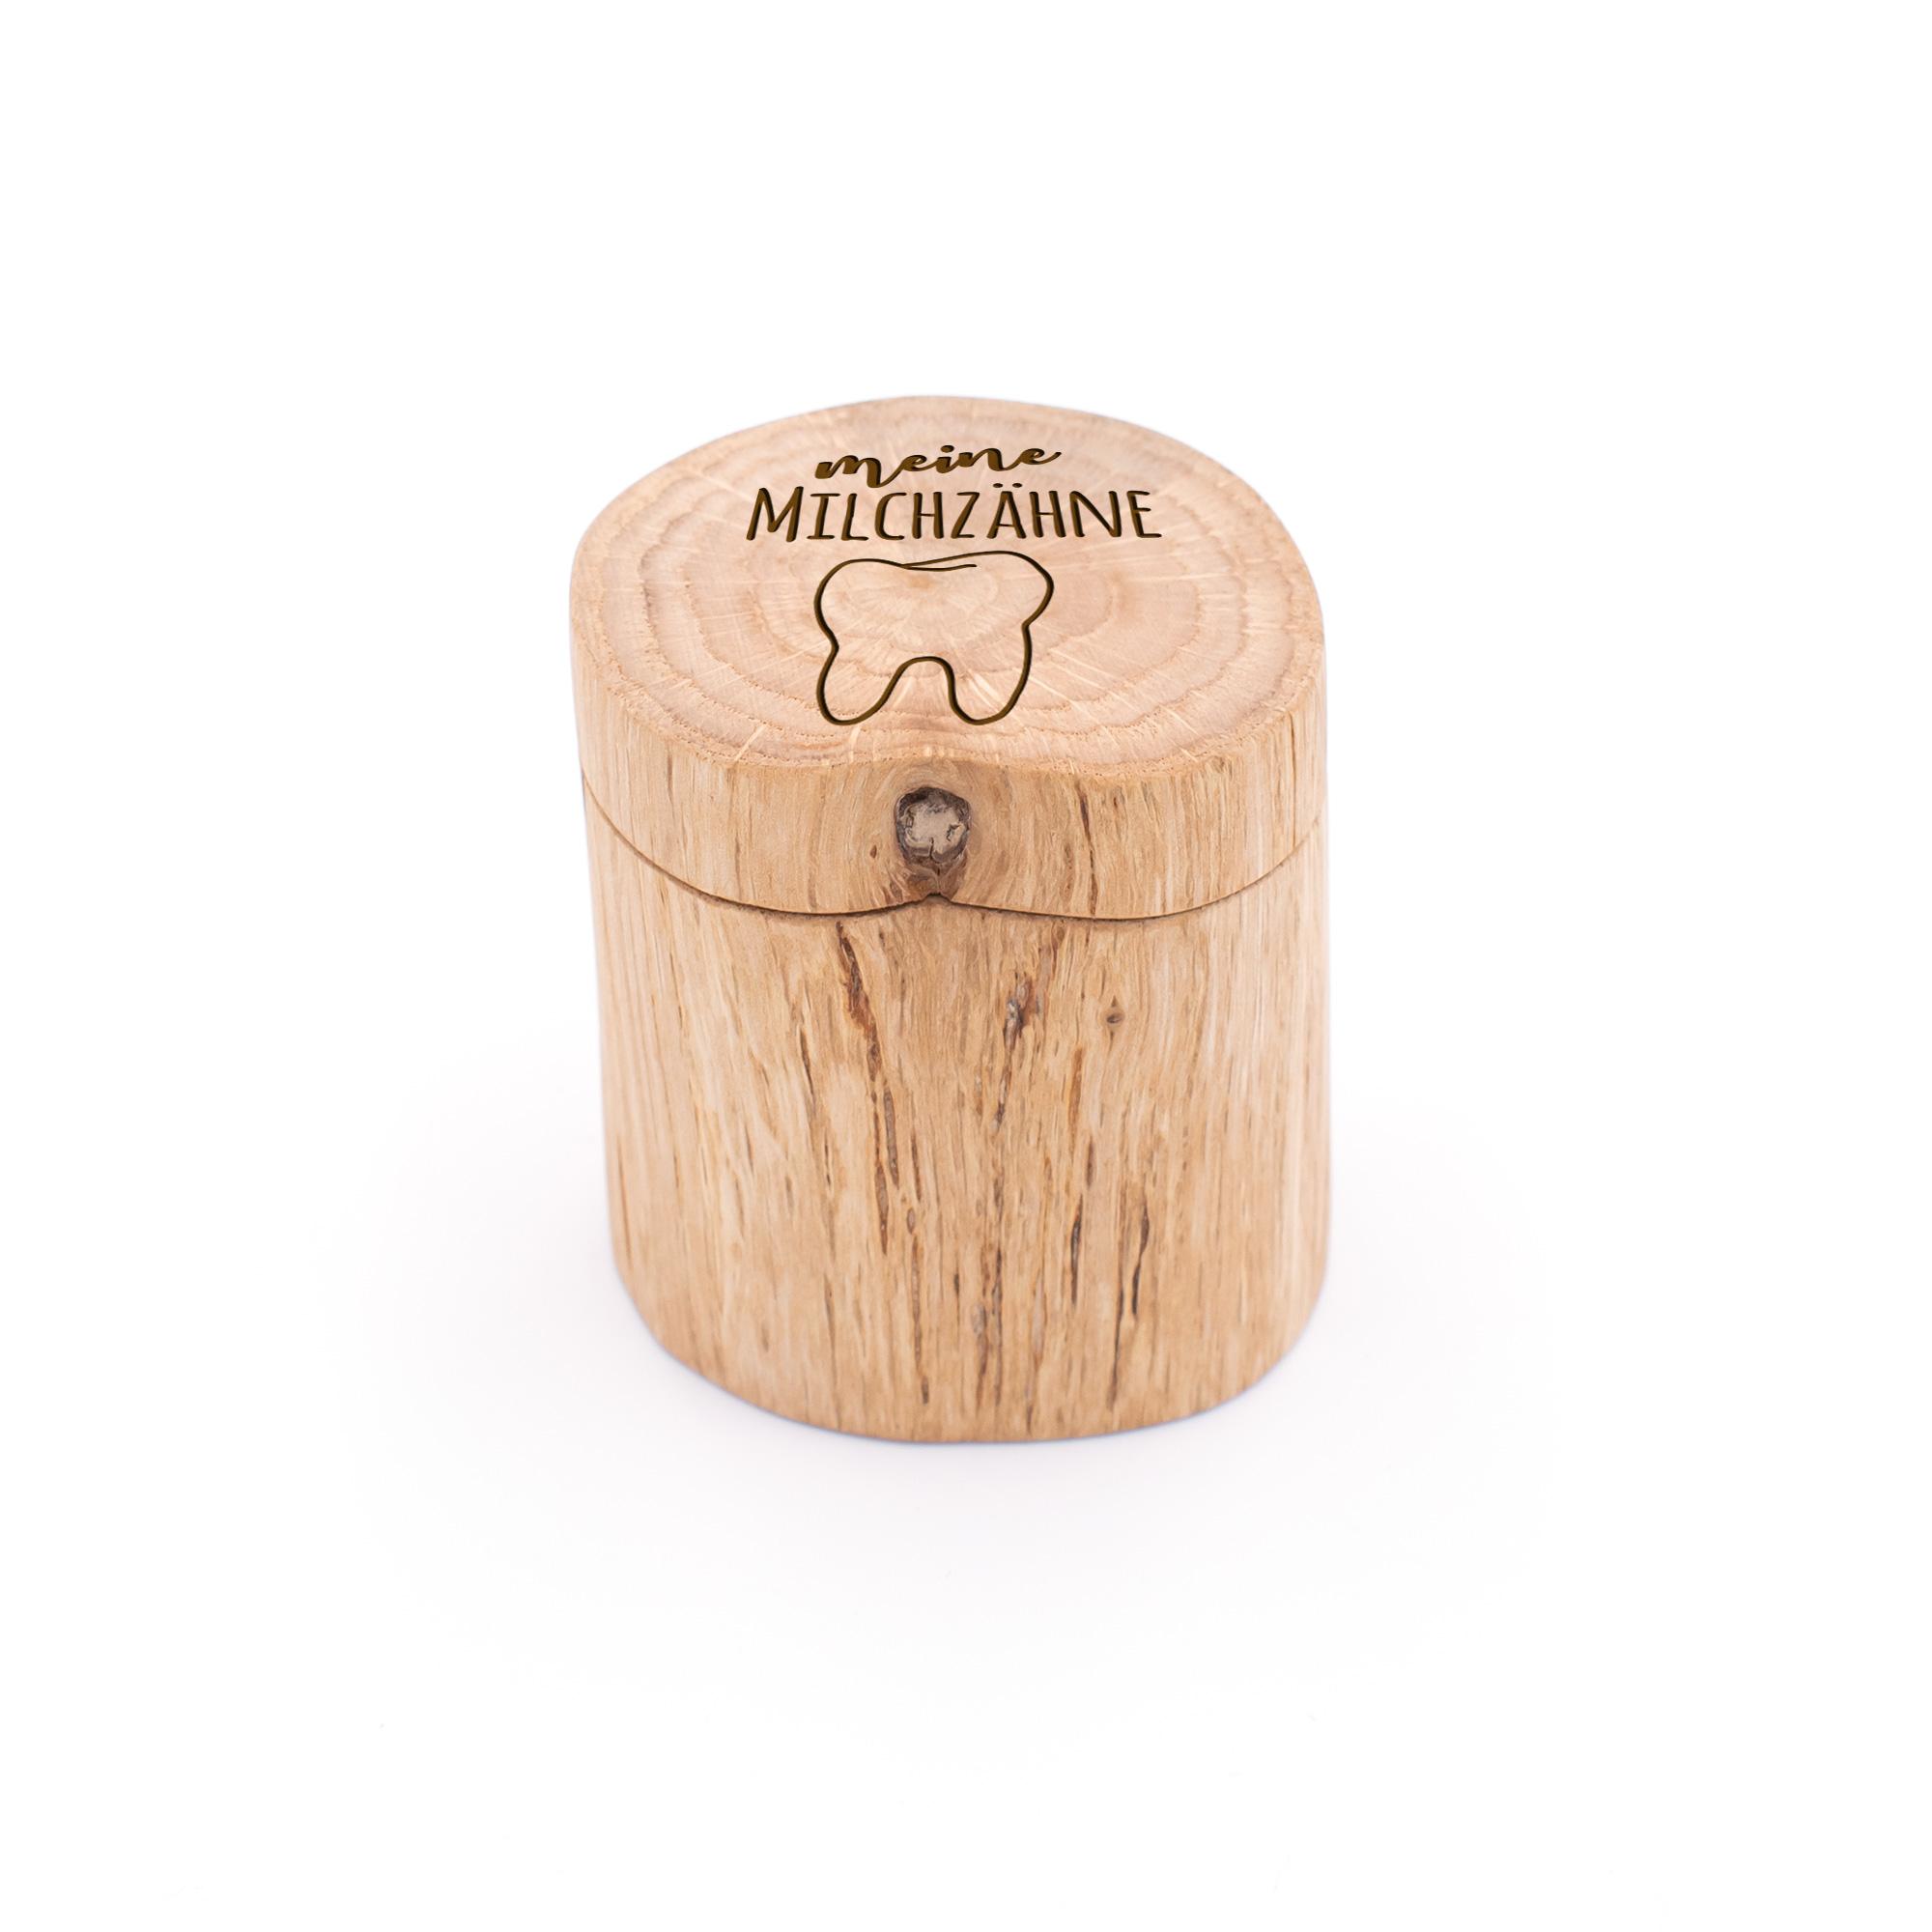 """Schöne Milchzahndose """"meine Milchzähne"""" aus Eiche-Holz mit Gravur"""